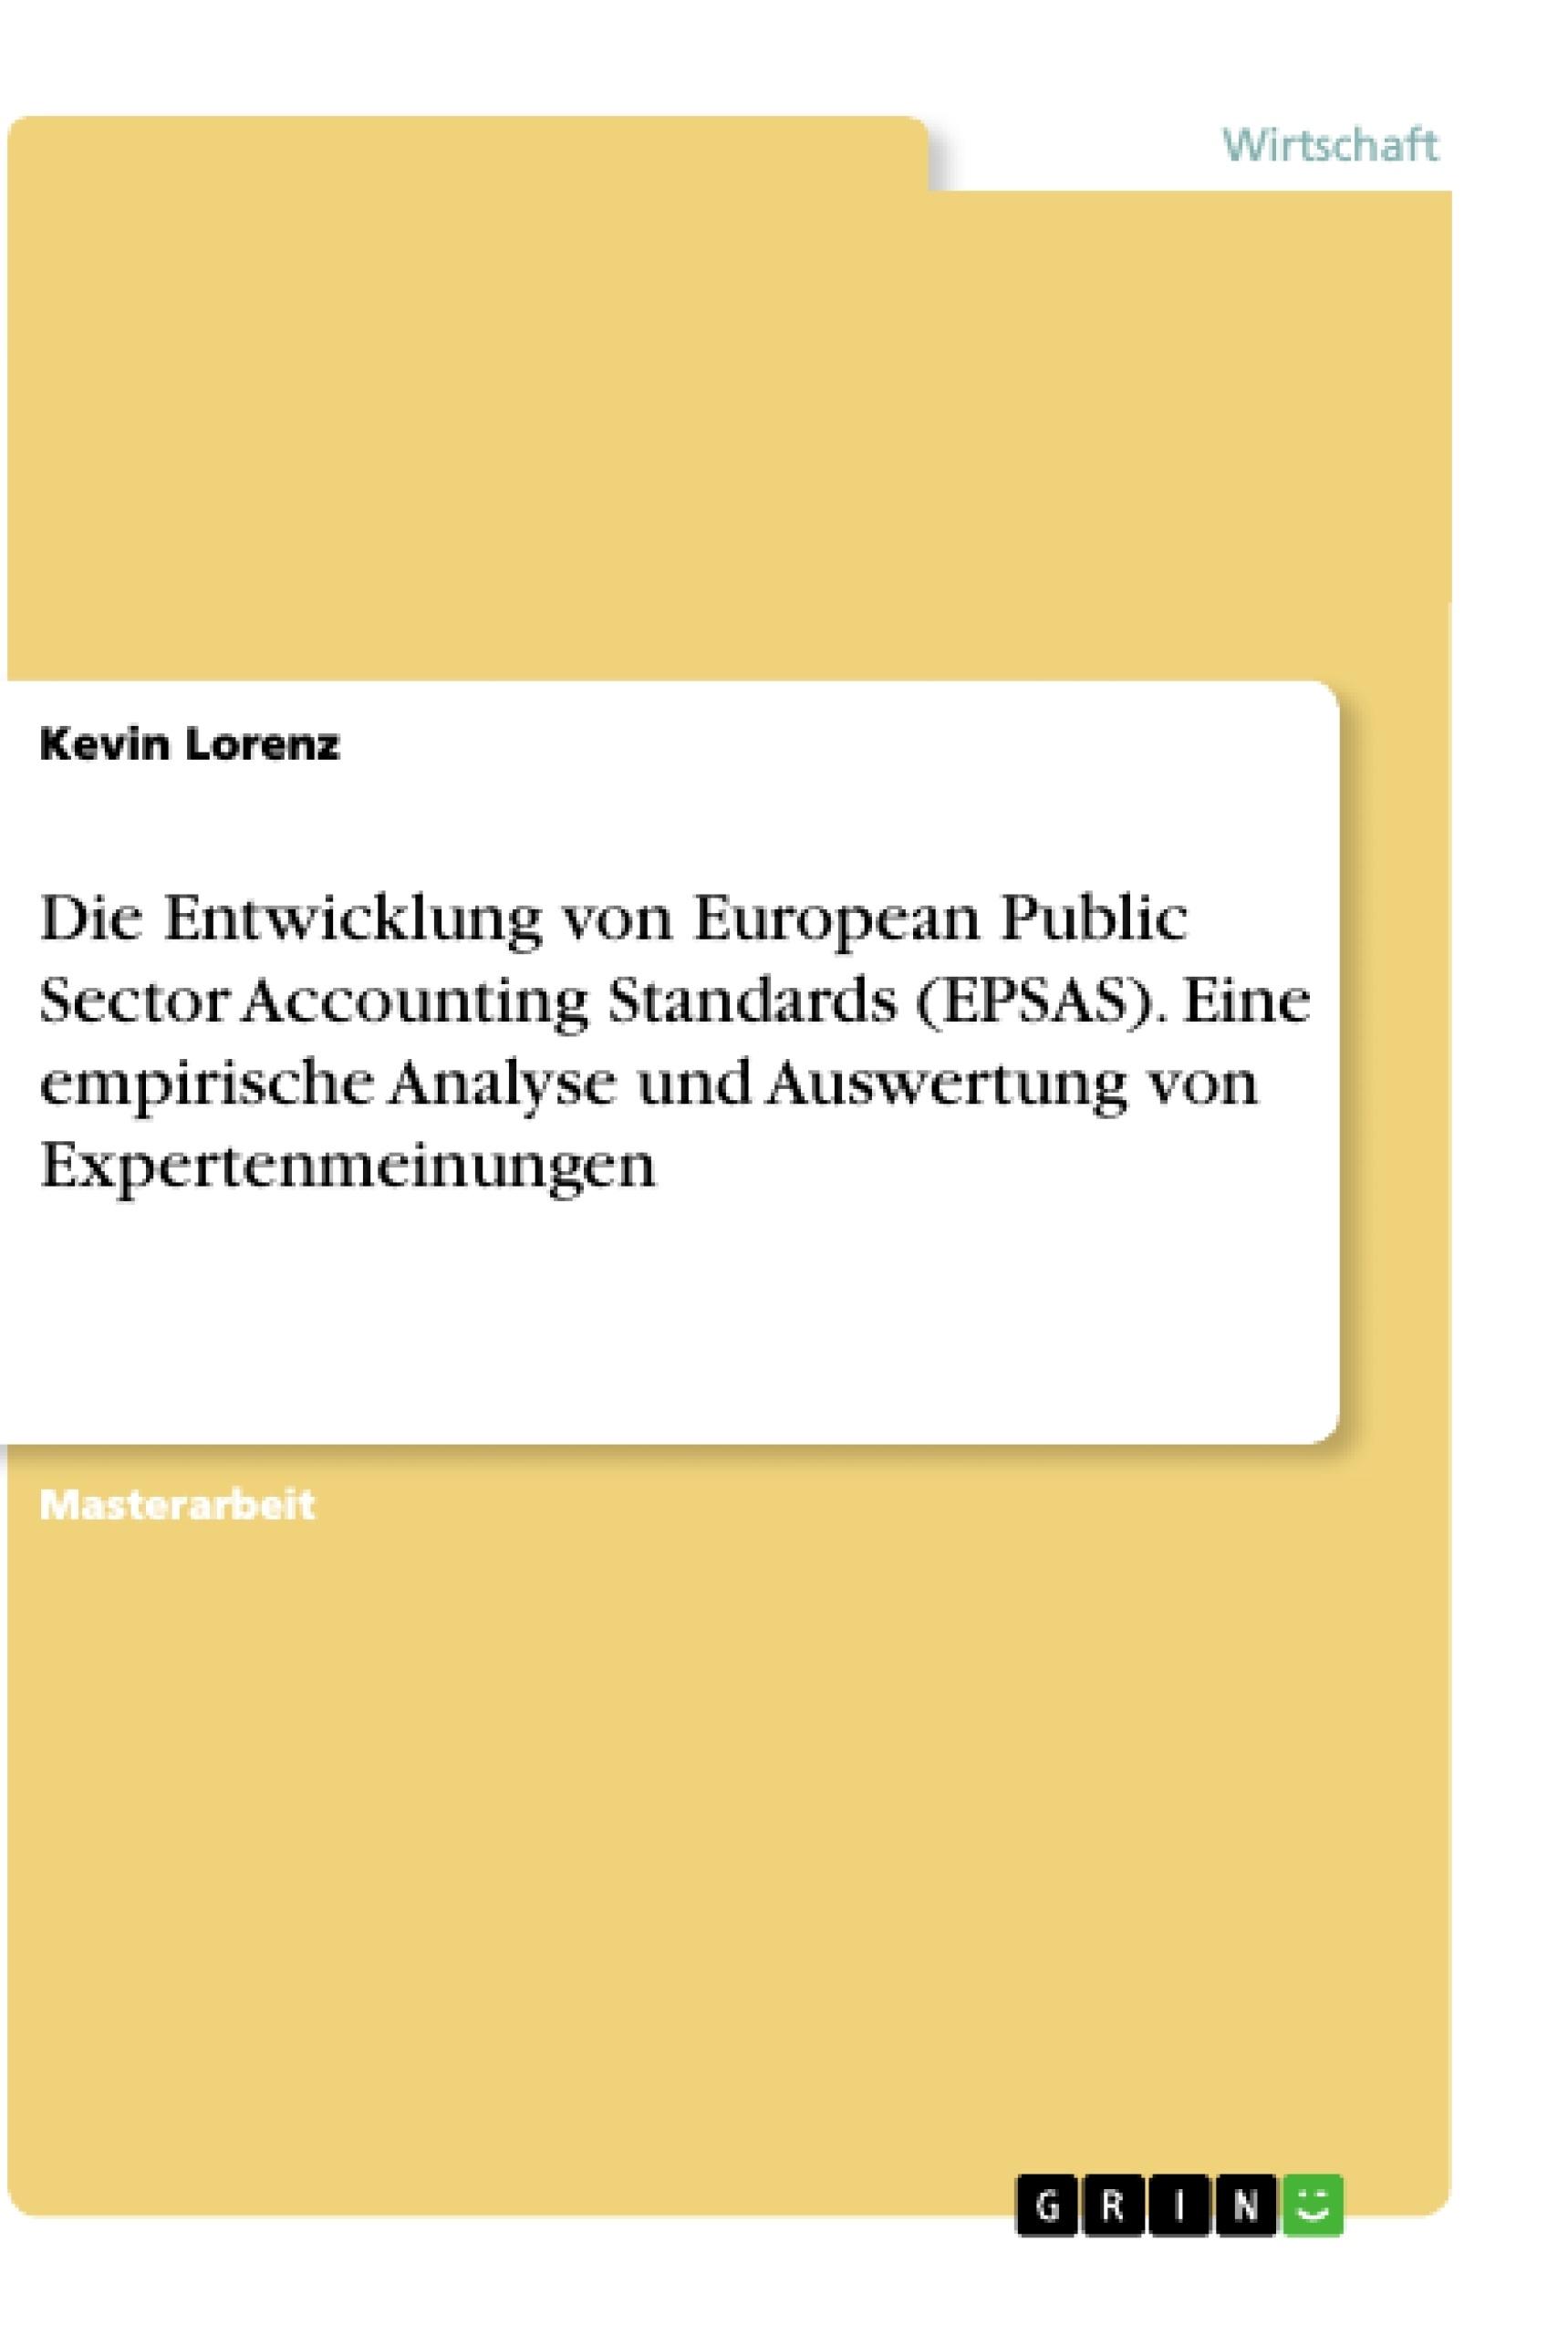 Titel: Die Entwicklung von European Public Sector Accounting Standards (EPSAS). Eine empirische Analyse und Auswertung von Expertenmeinungen